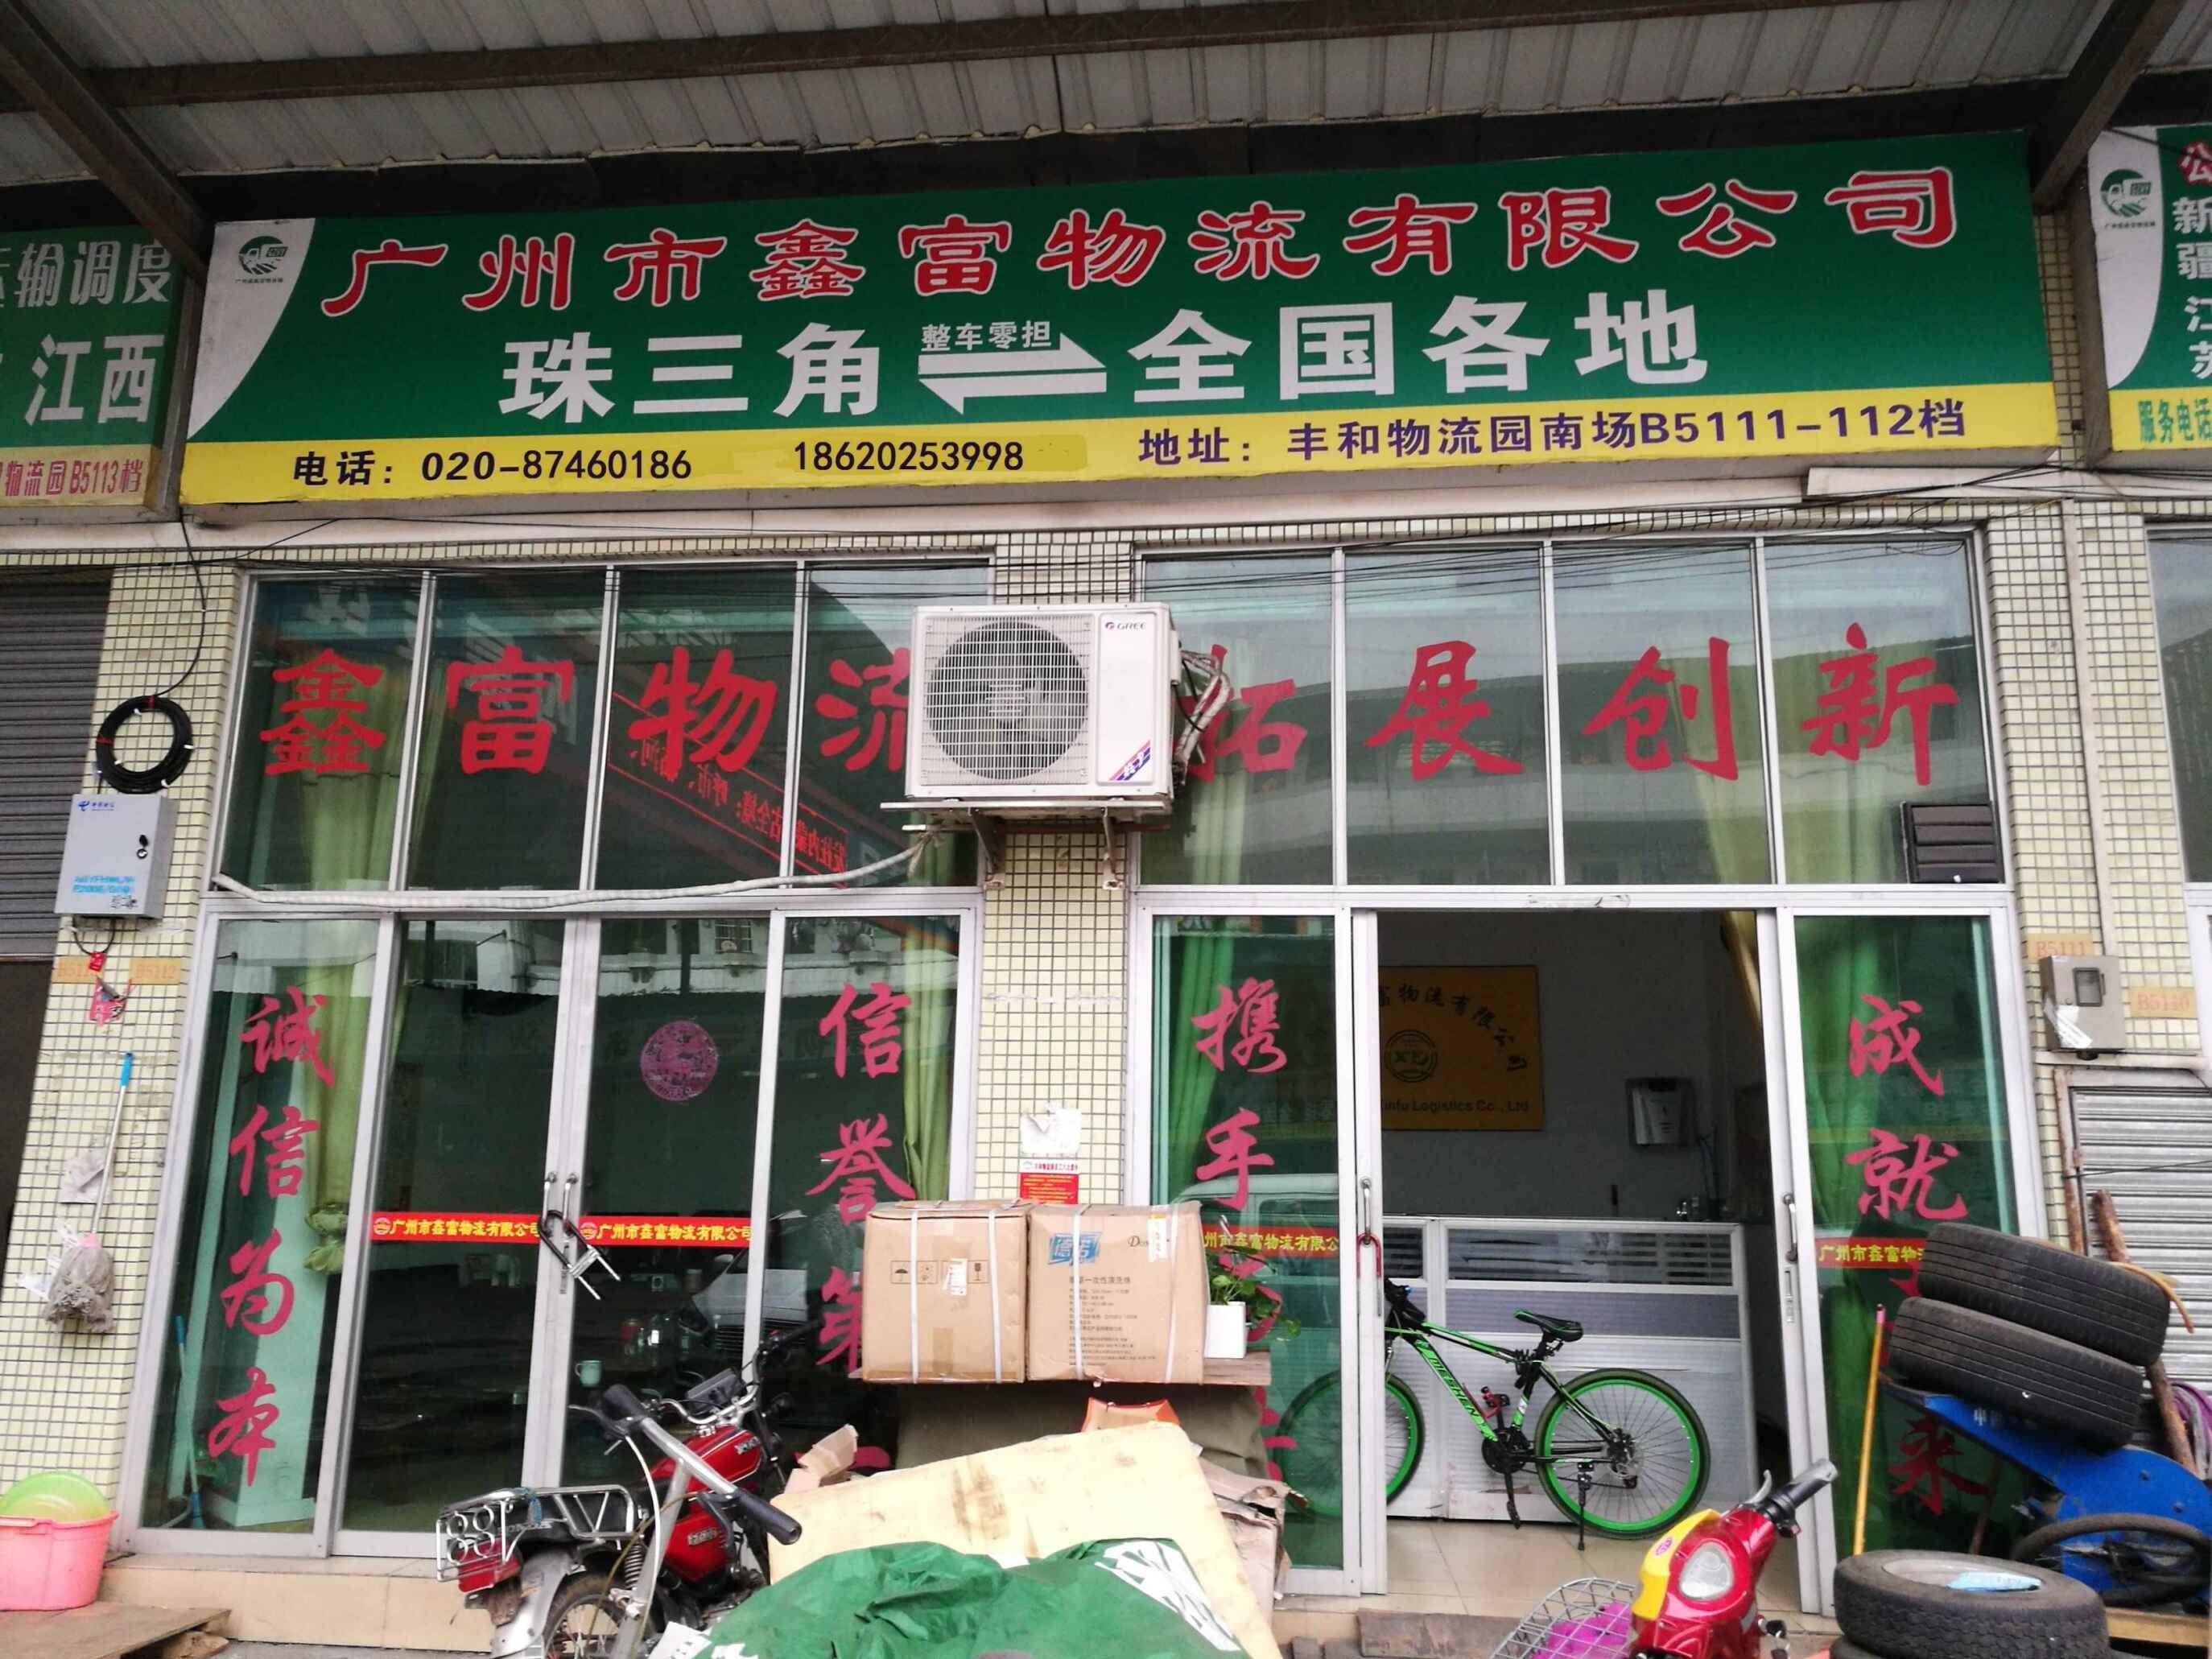 广州到吉林物流专线(广州顺发物流服务部)